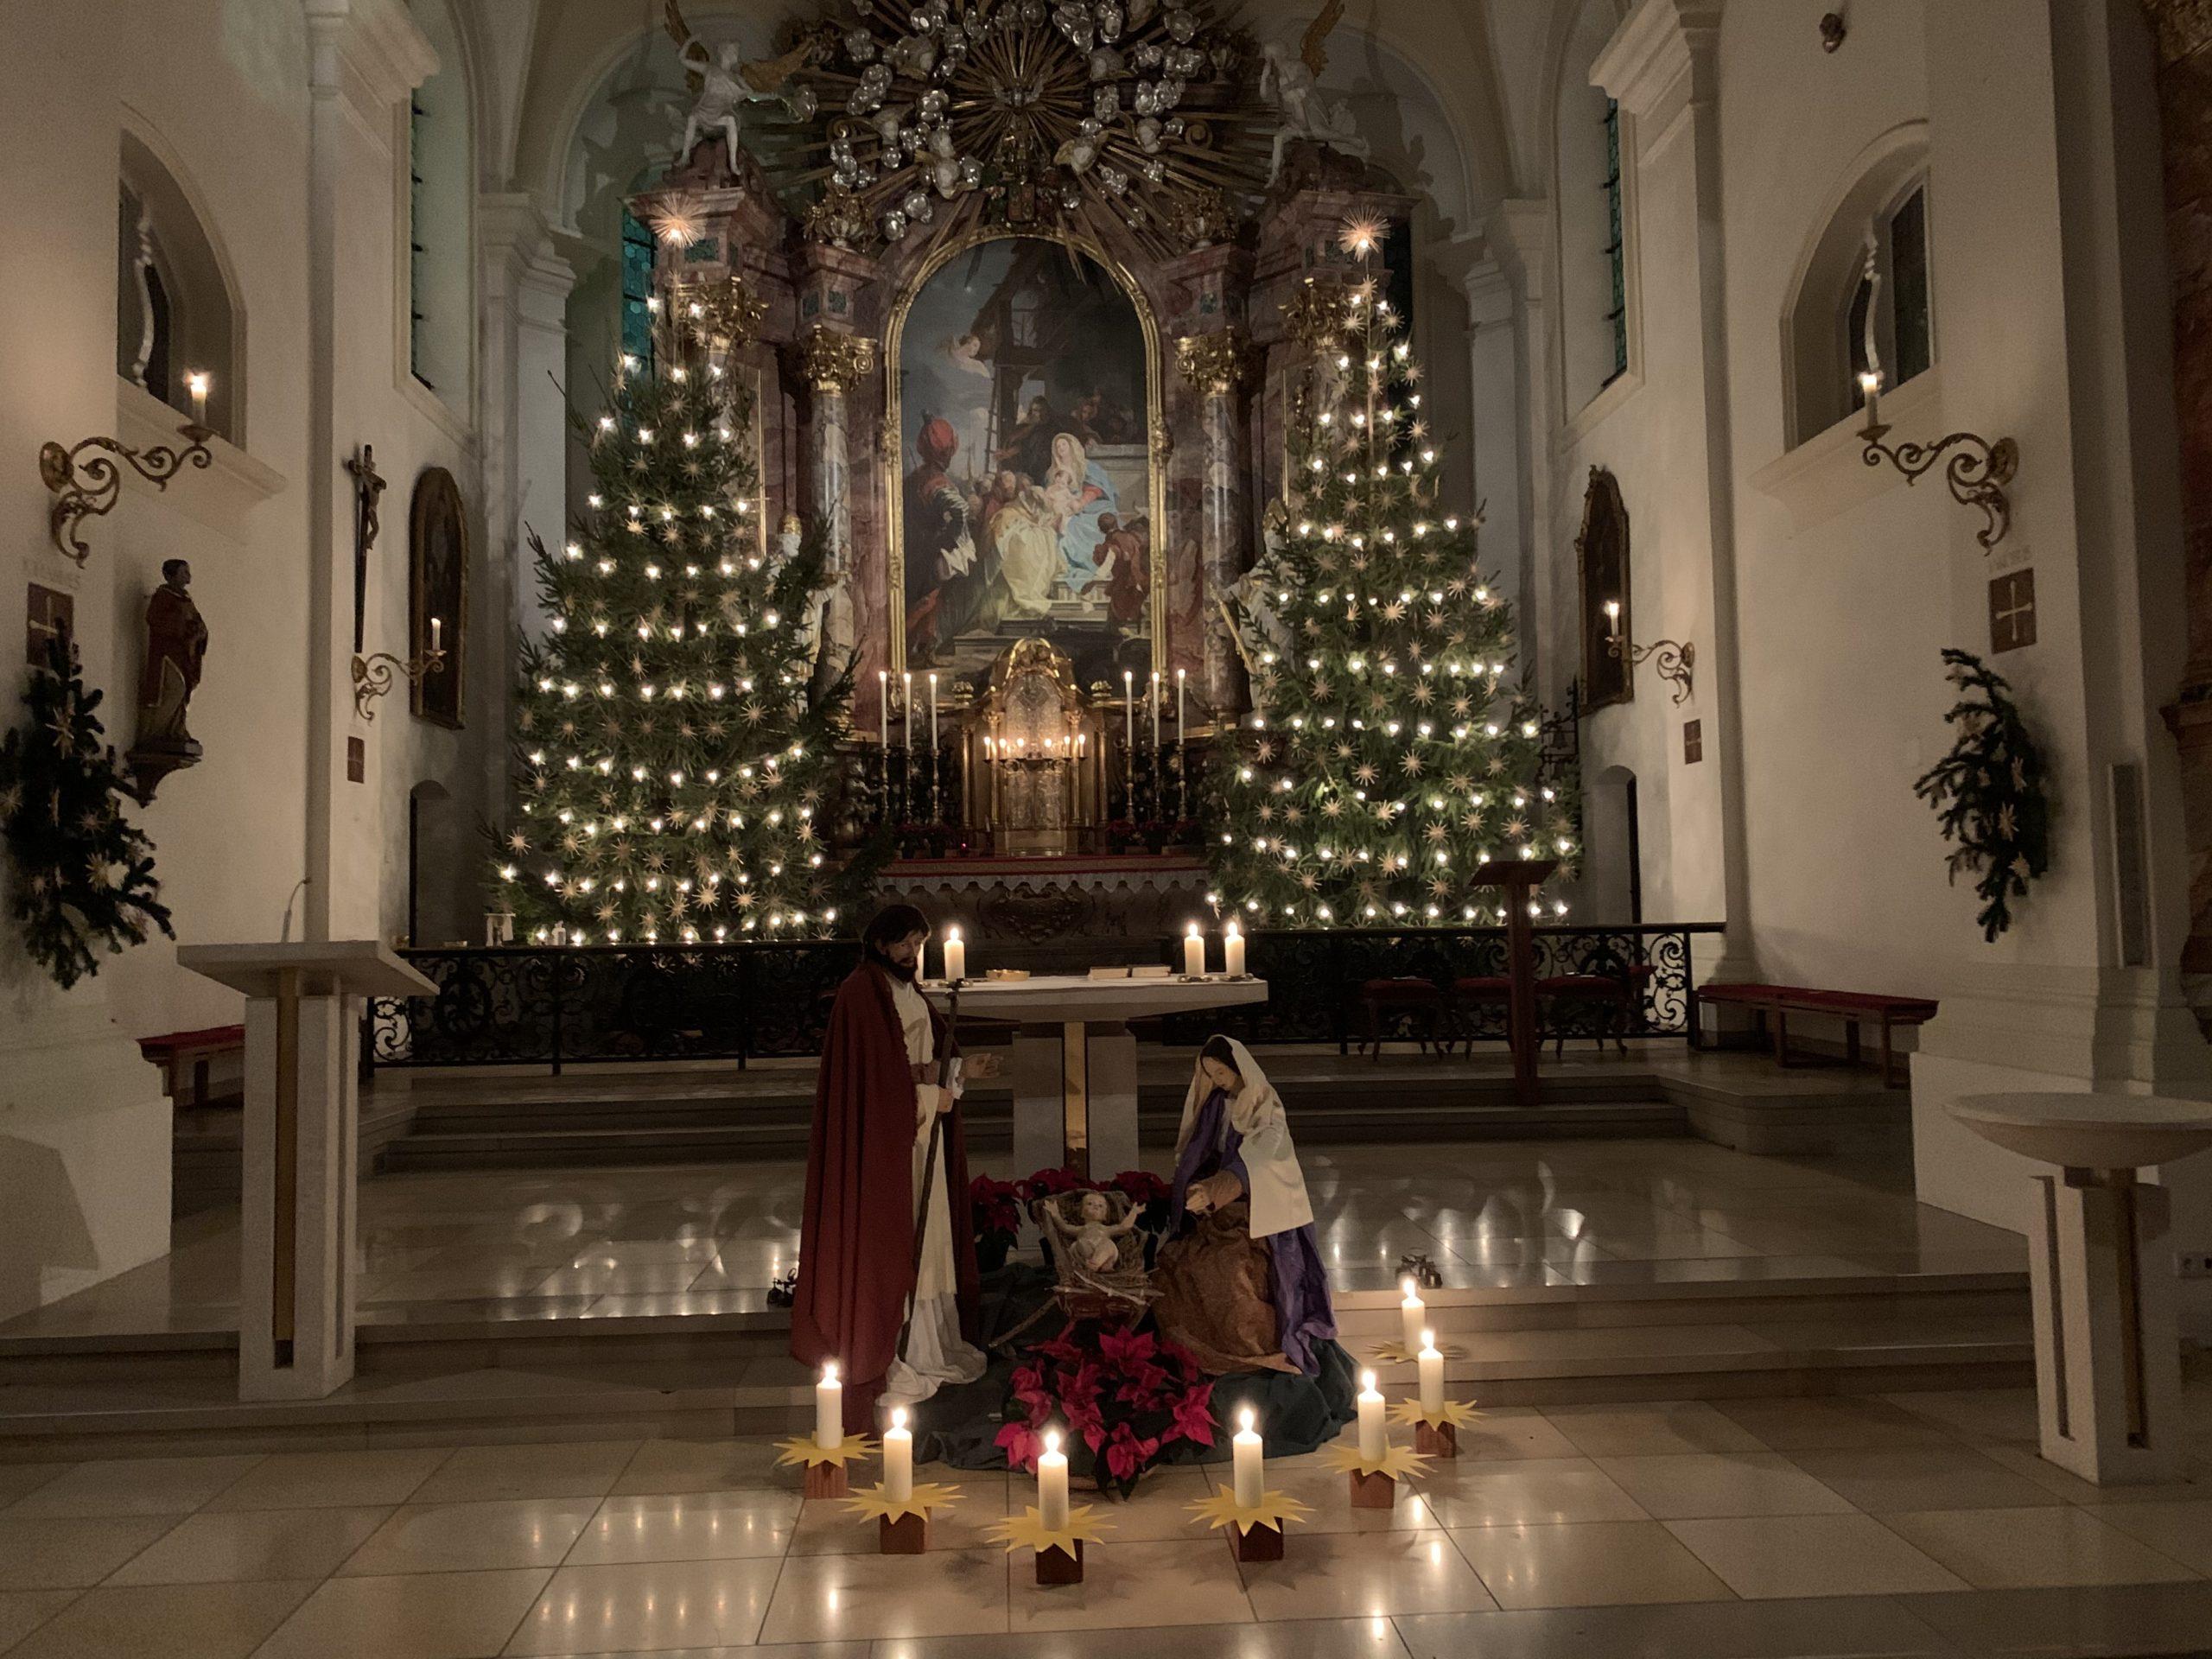 Weihnachten in St. Joseph